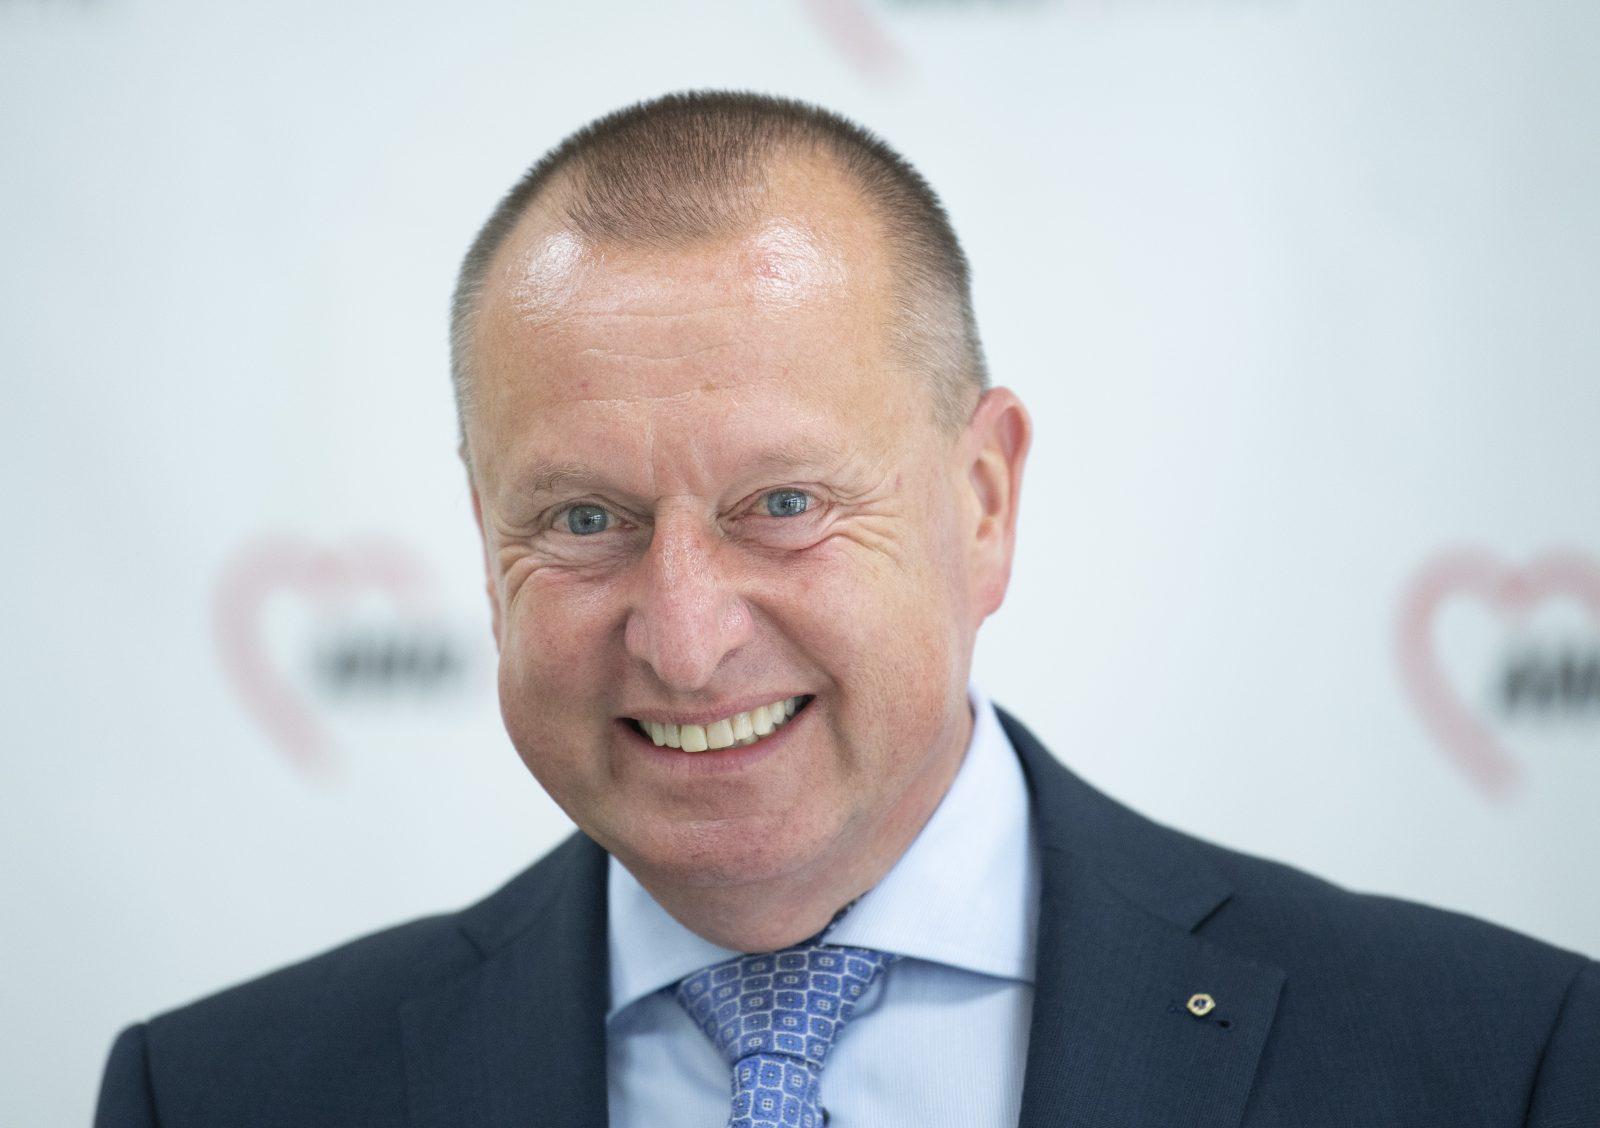 Der Vorstandsvorsitzende der Frankfurter AWO, Steffen Krollmann, räumt eine höhere Schadenssumme ein Foto: picture alliance/Boris Roessler/dpa